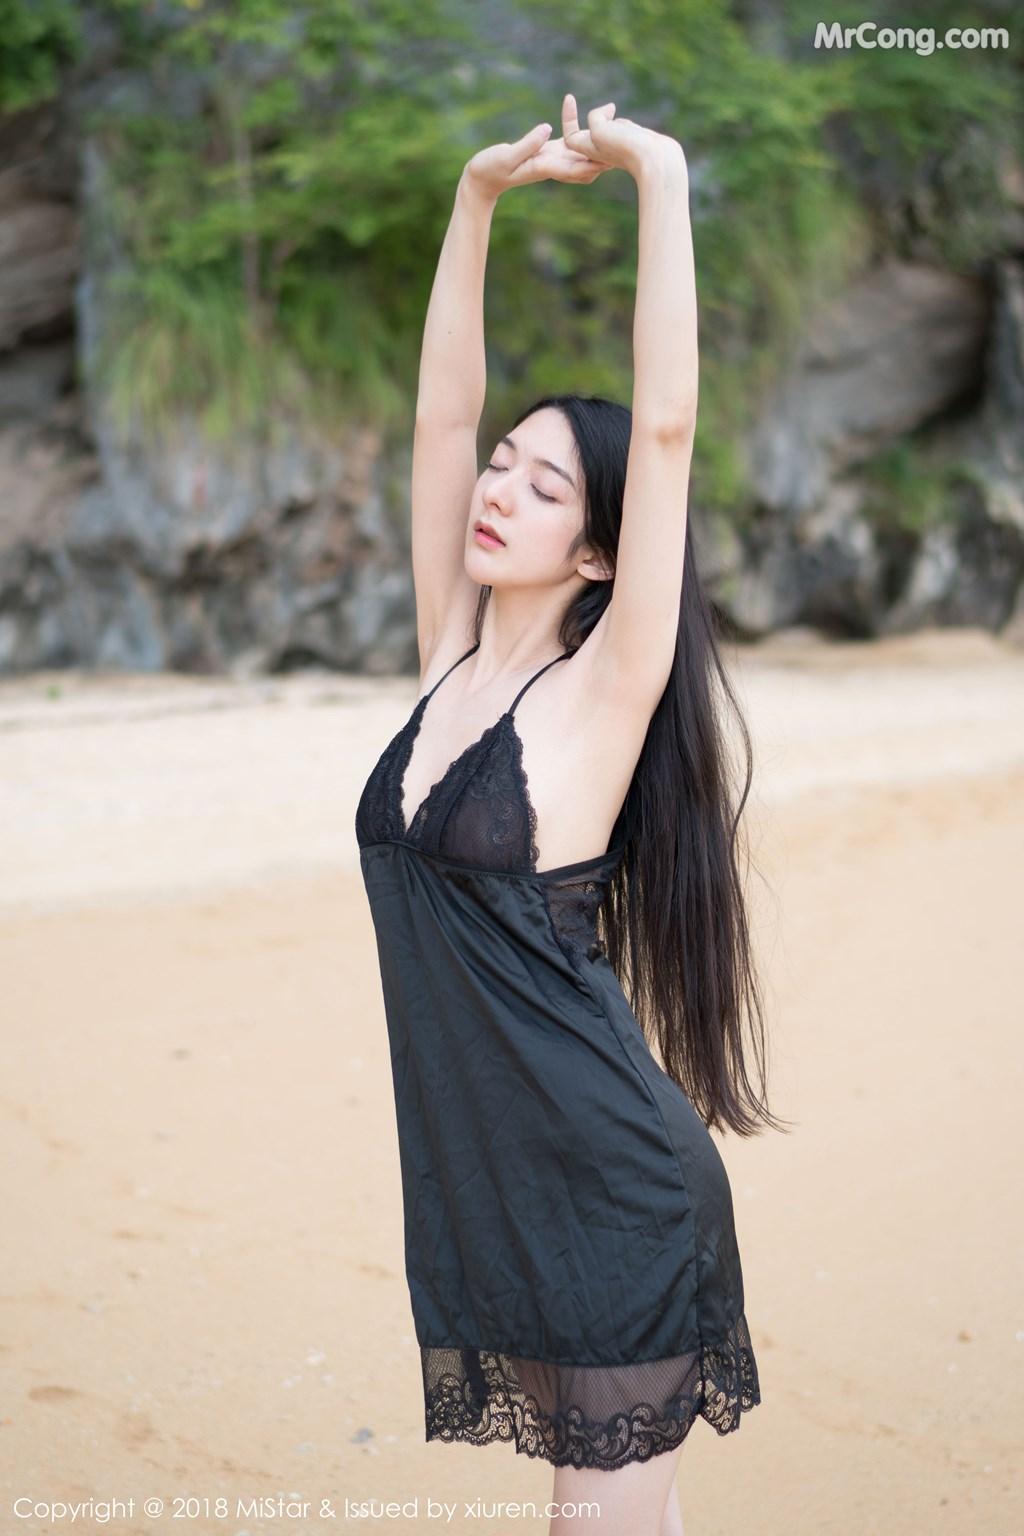 Image MiStar-Vol.207-Xiao-Reba-MrCong.com-005 in post MiStar Vol.207: Người mẫu Xiao Reba (小热巴) (41 ảnh)